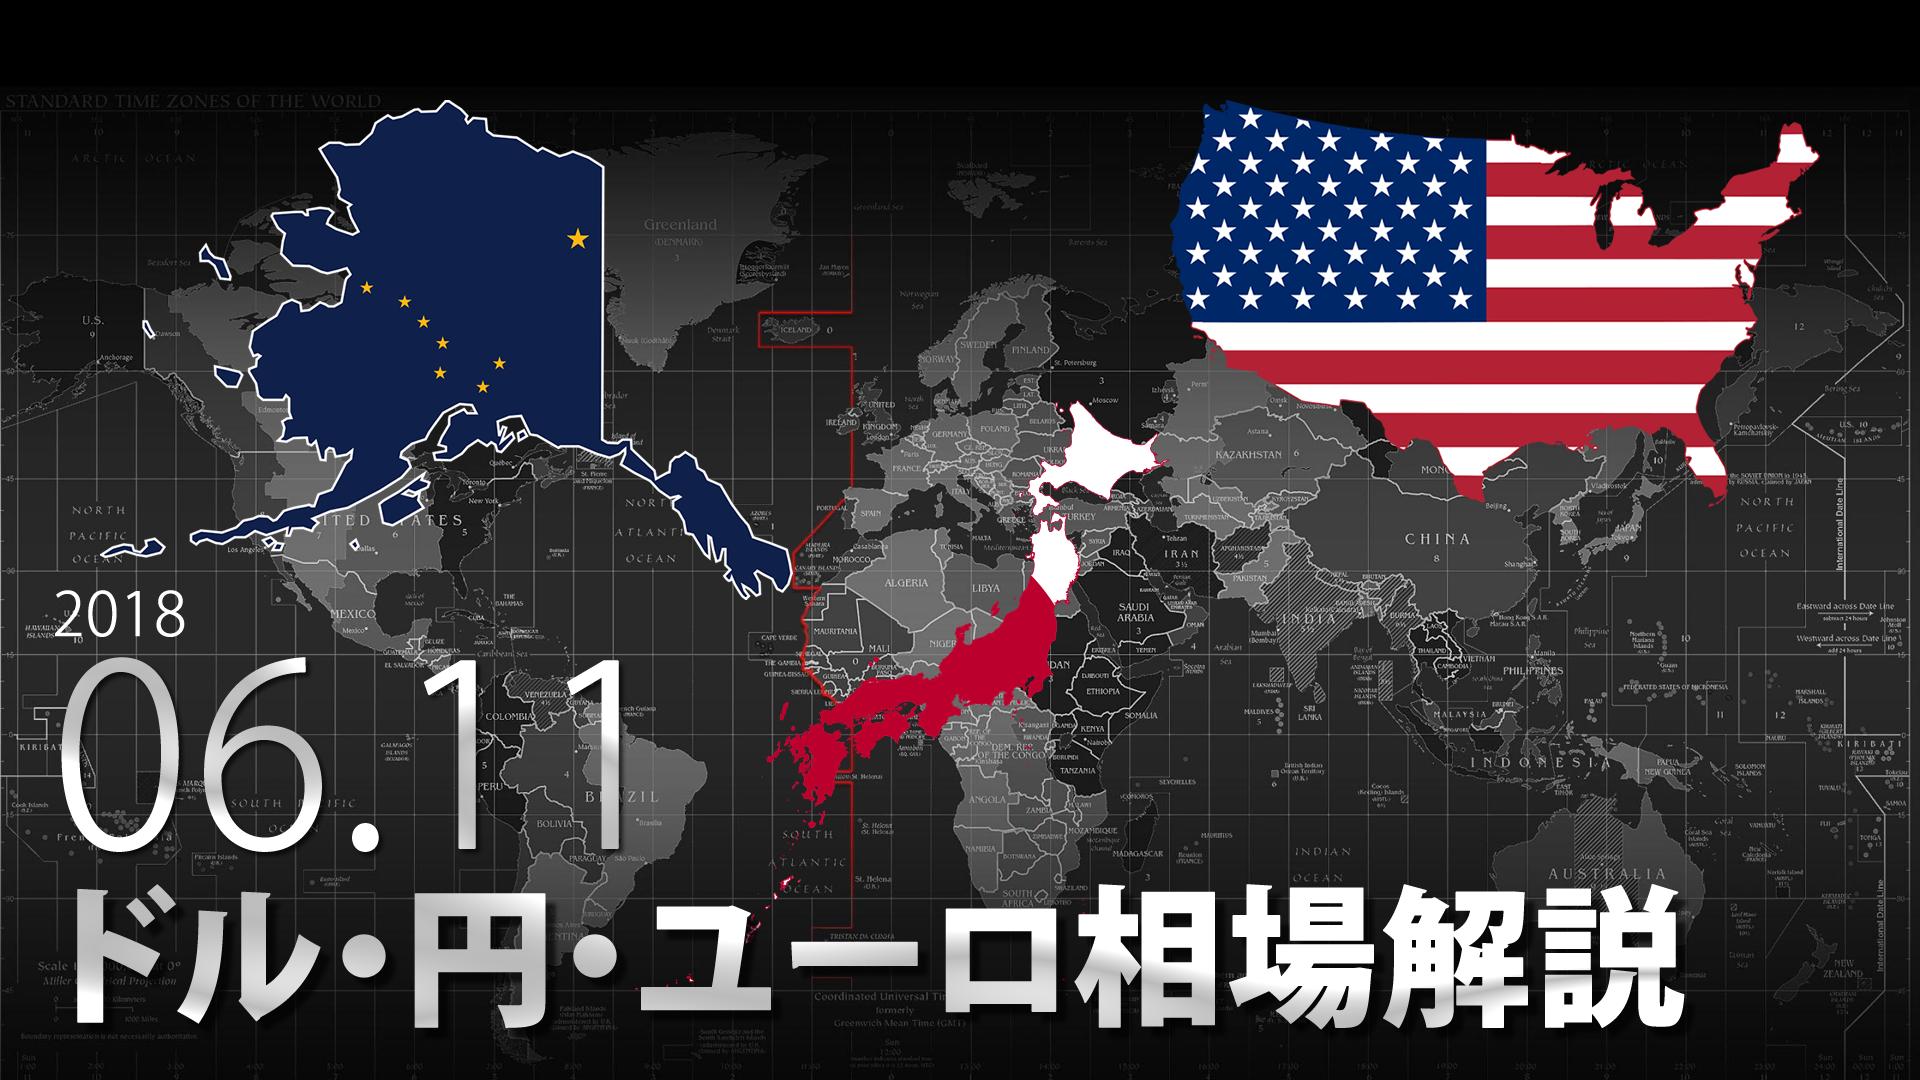 G7サミットは物別れ。今日から重要イベント目白押し